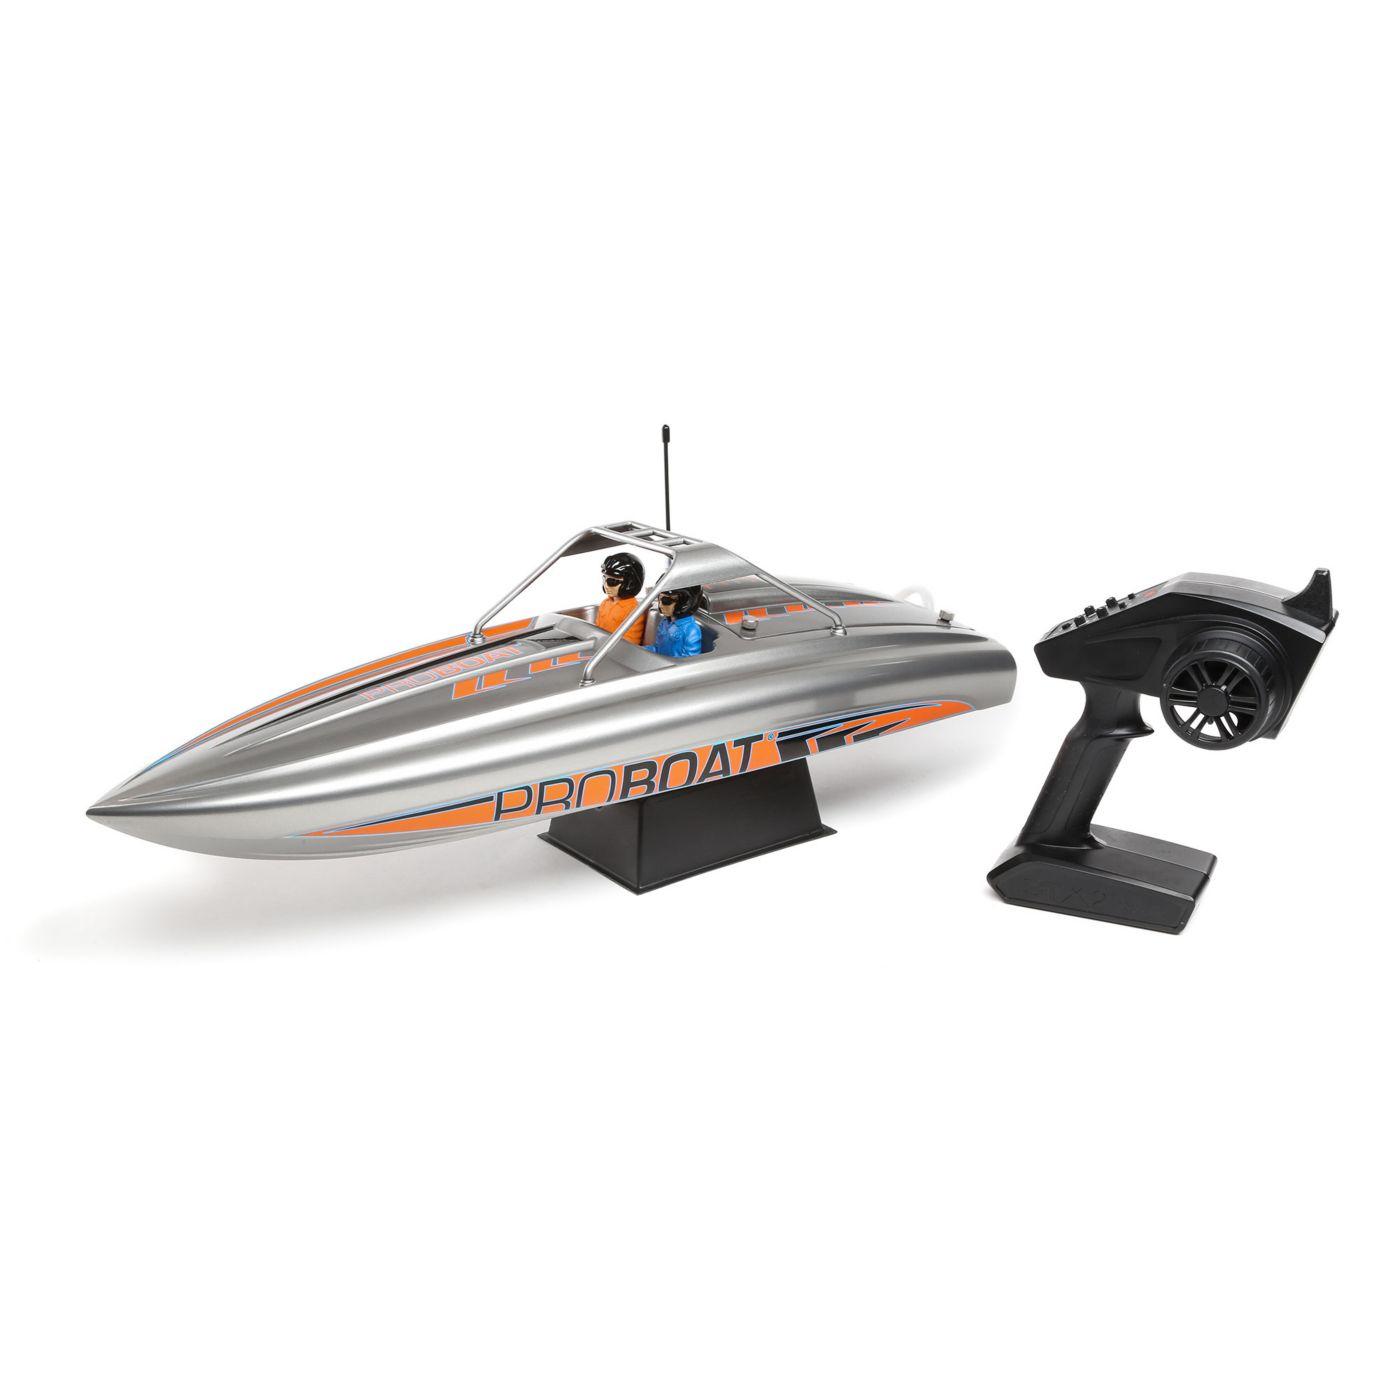 Proboat River Jet Boat motoscafo turbina rtr 7